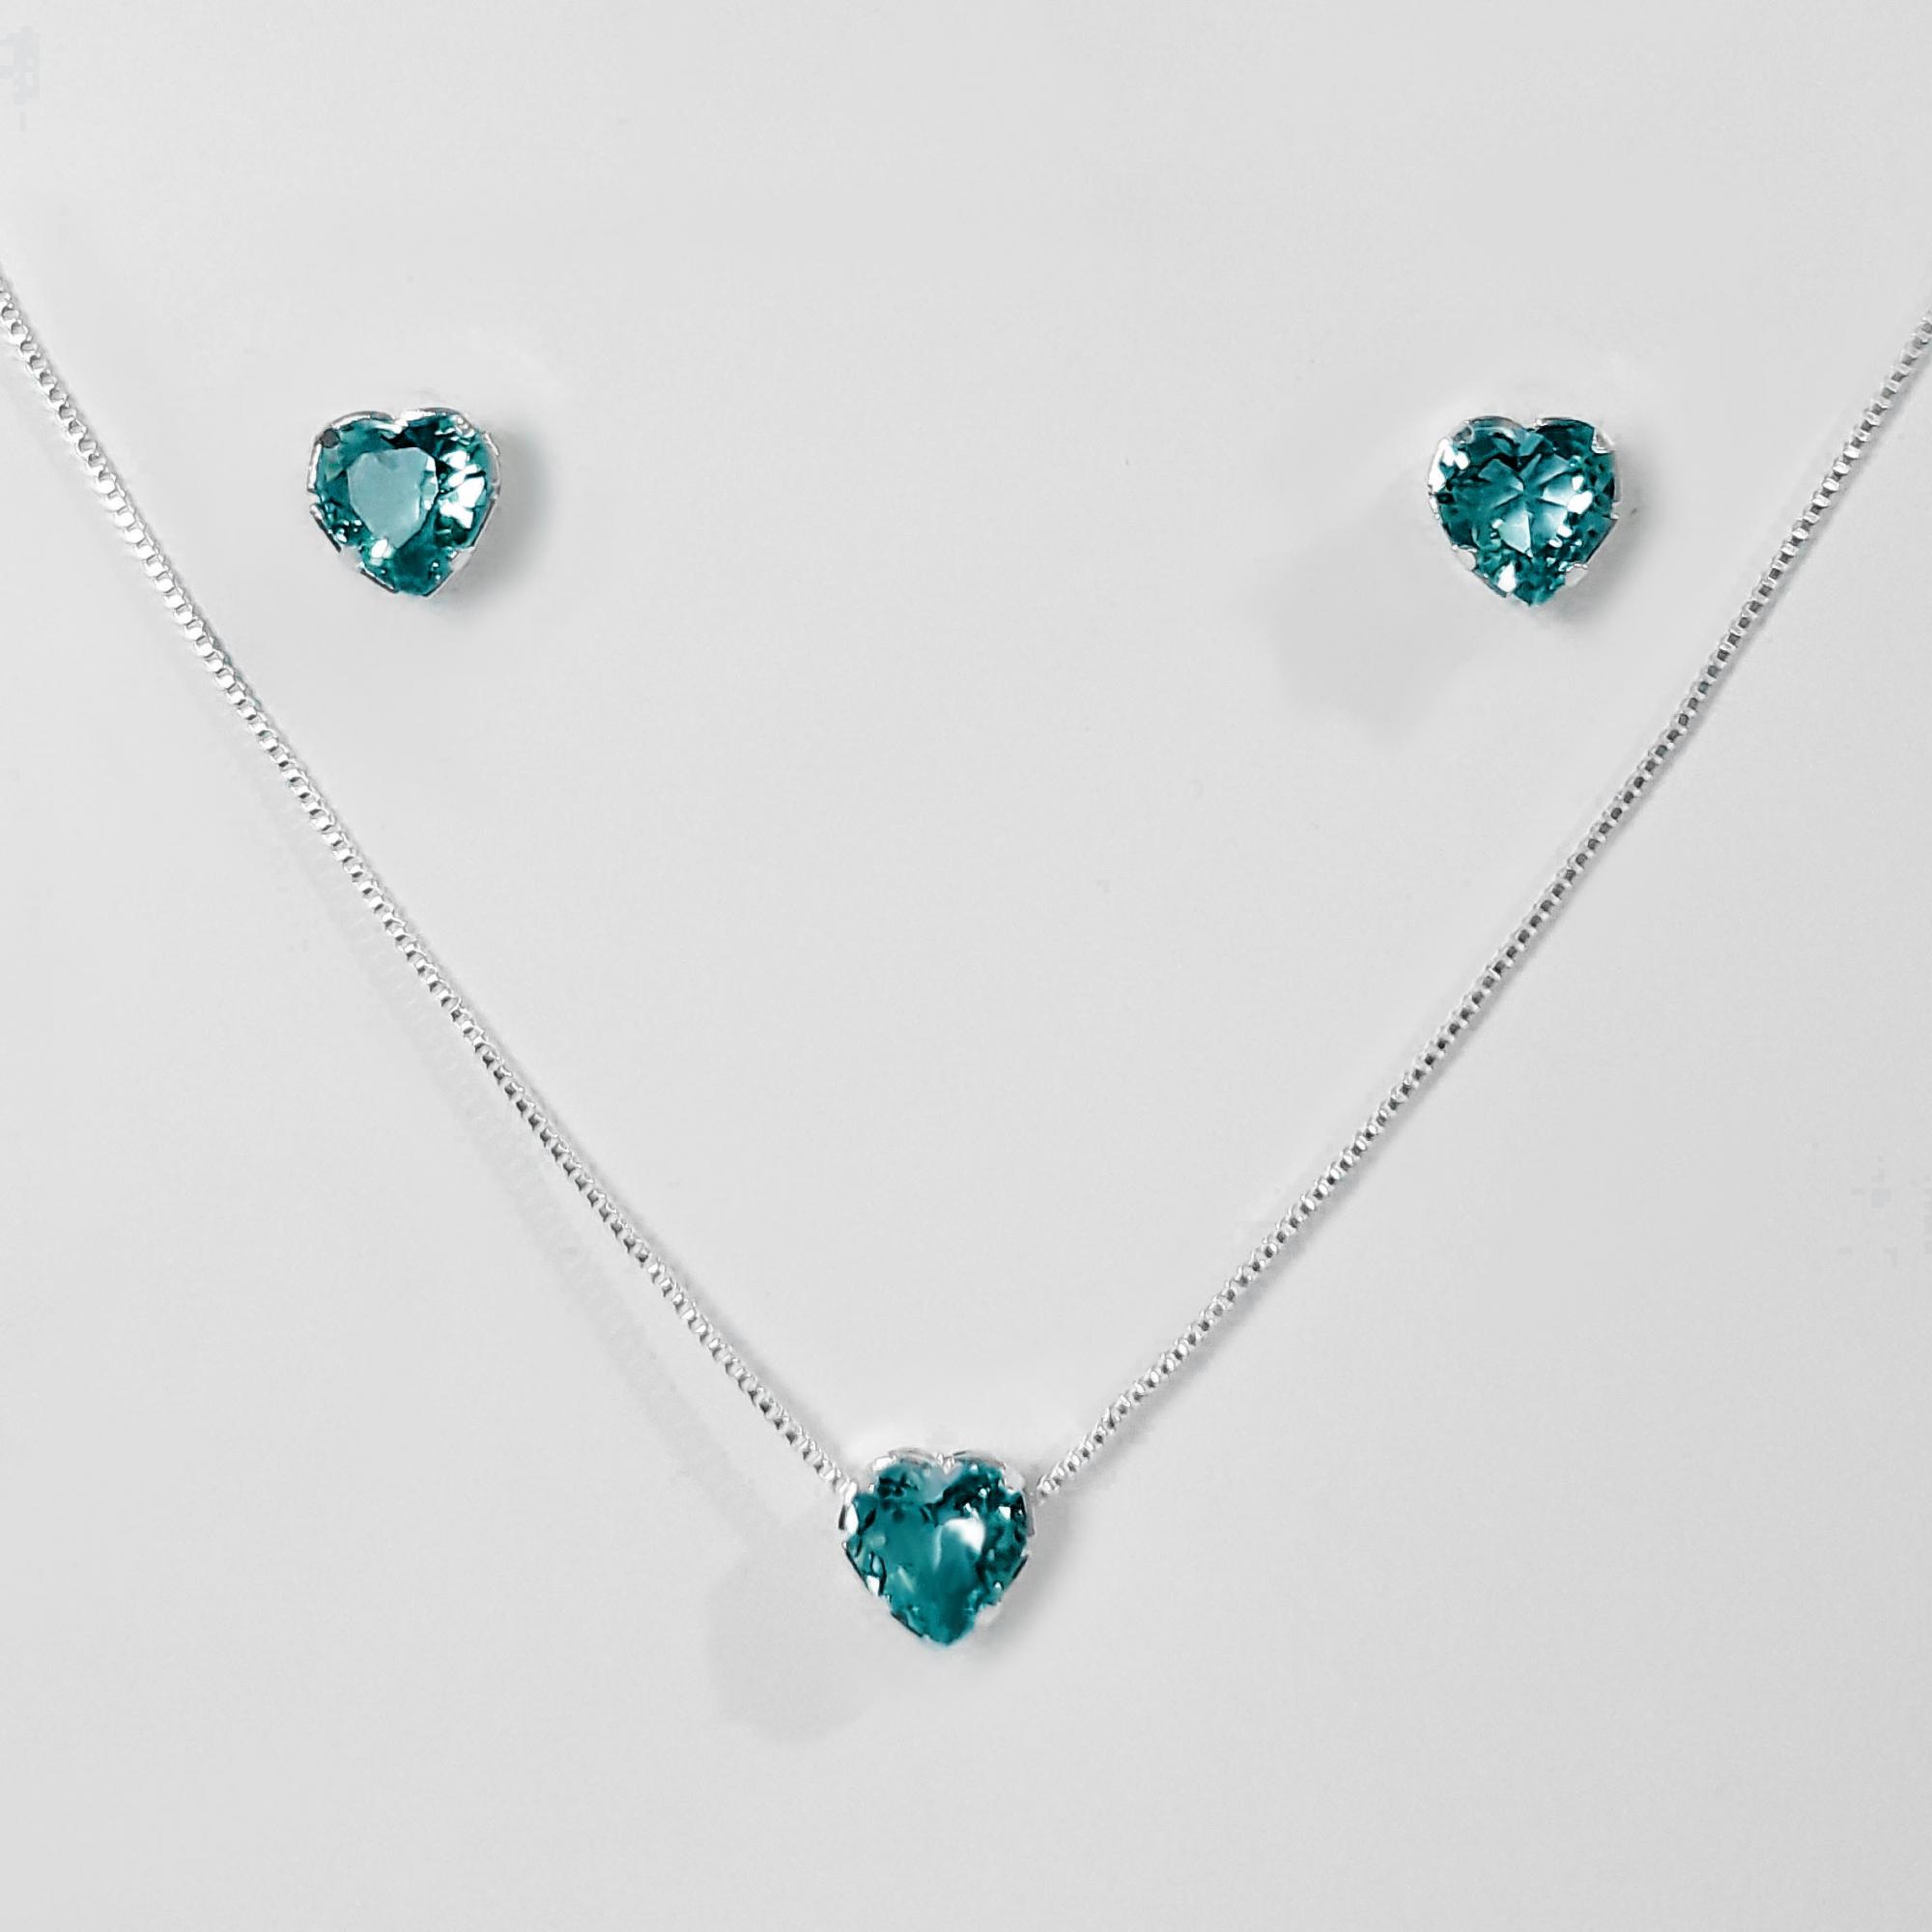 Conjunto Coração Pedra Acrílica Folheado a Prata 1000  - Lunozê Joias